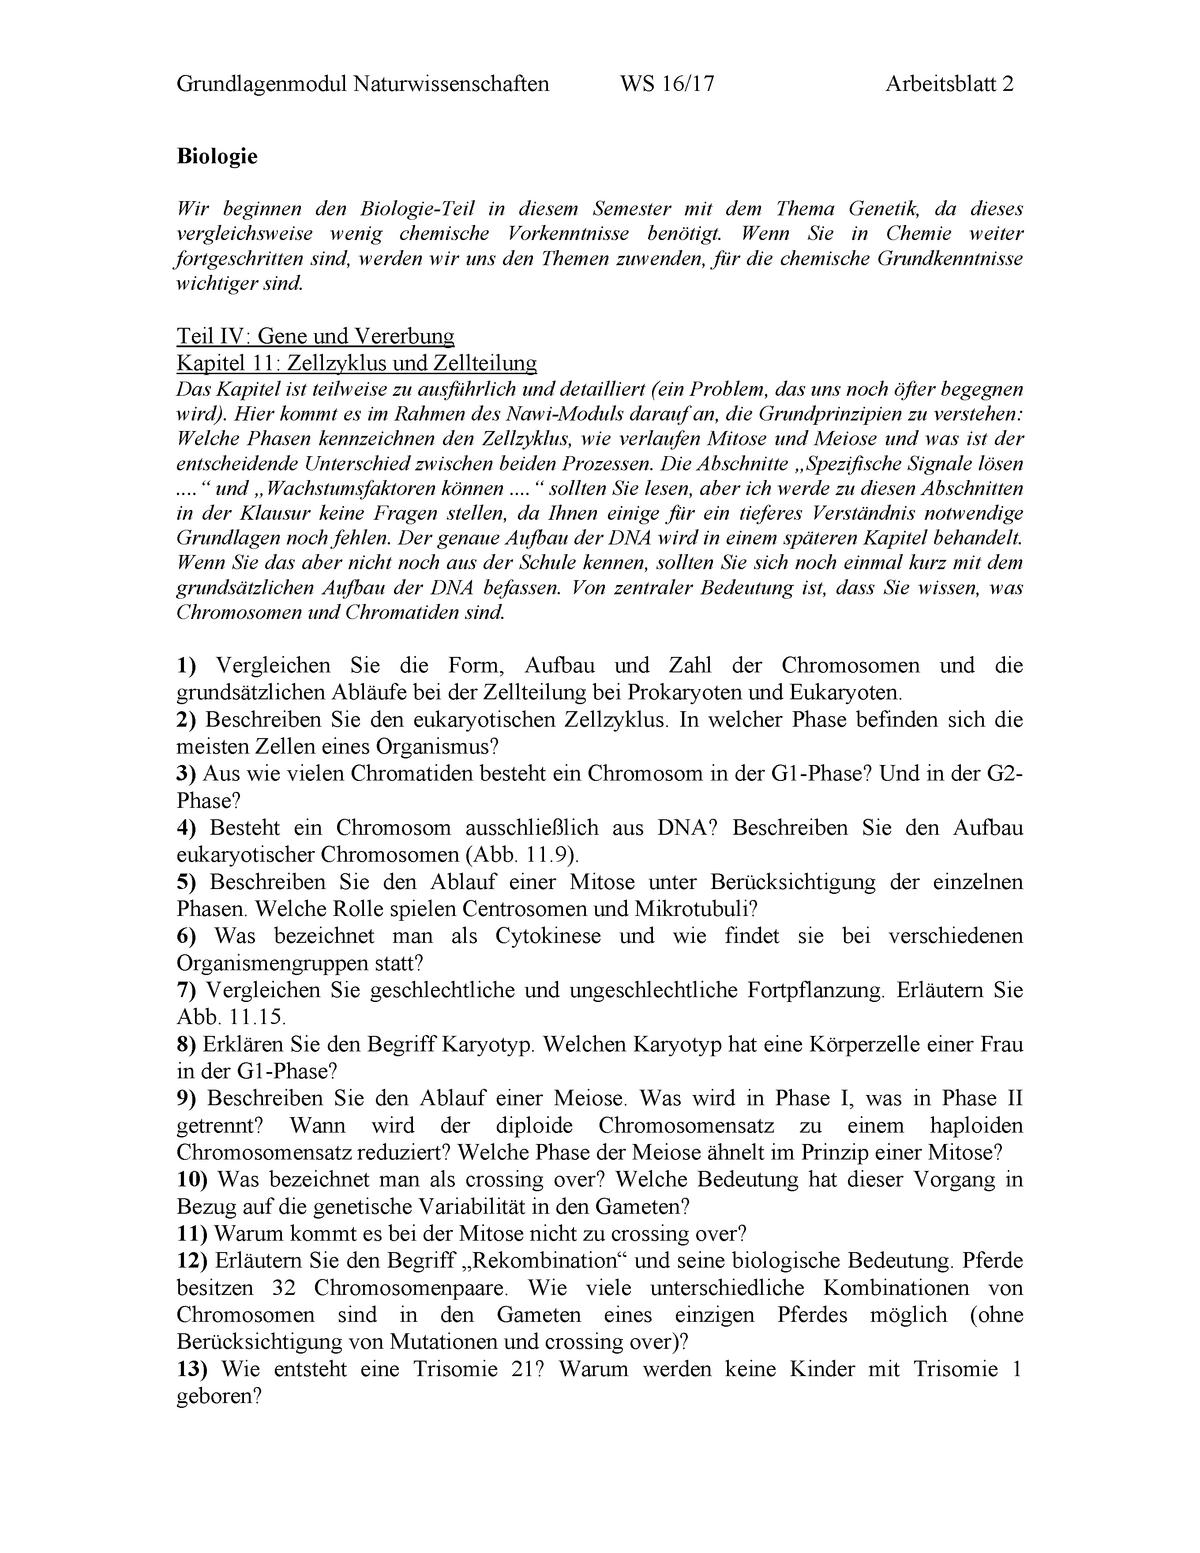 Arbeitsblatt 2 - WiSe 2016/17  Dies sind alle Aufgaben der